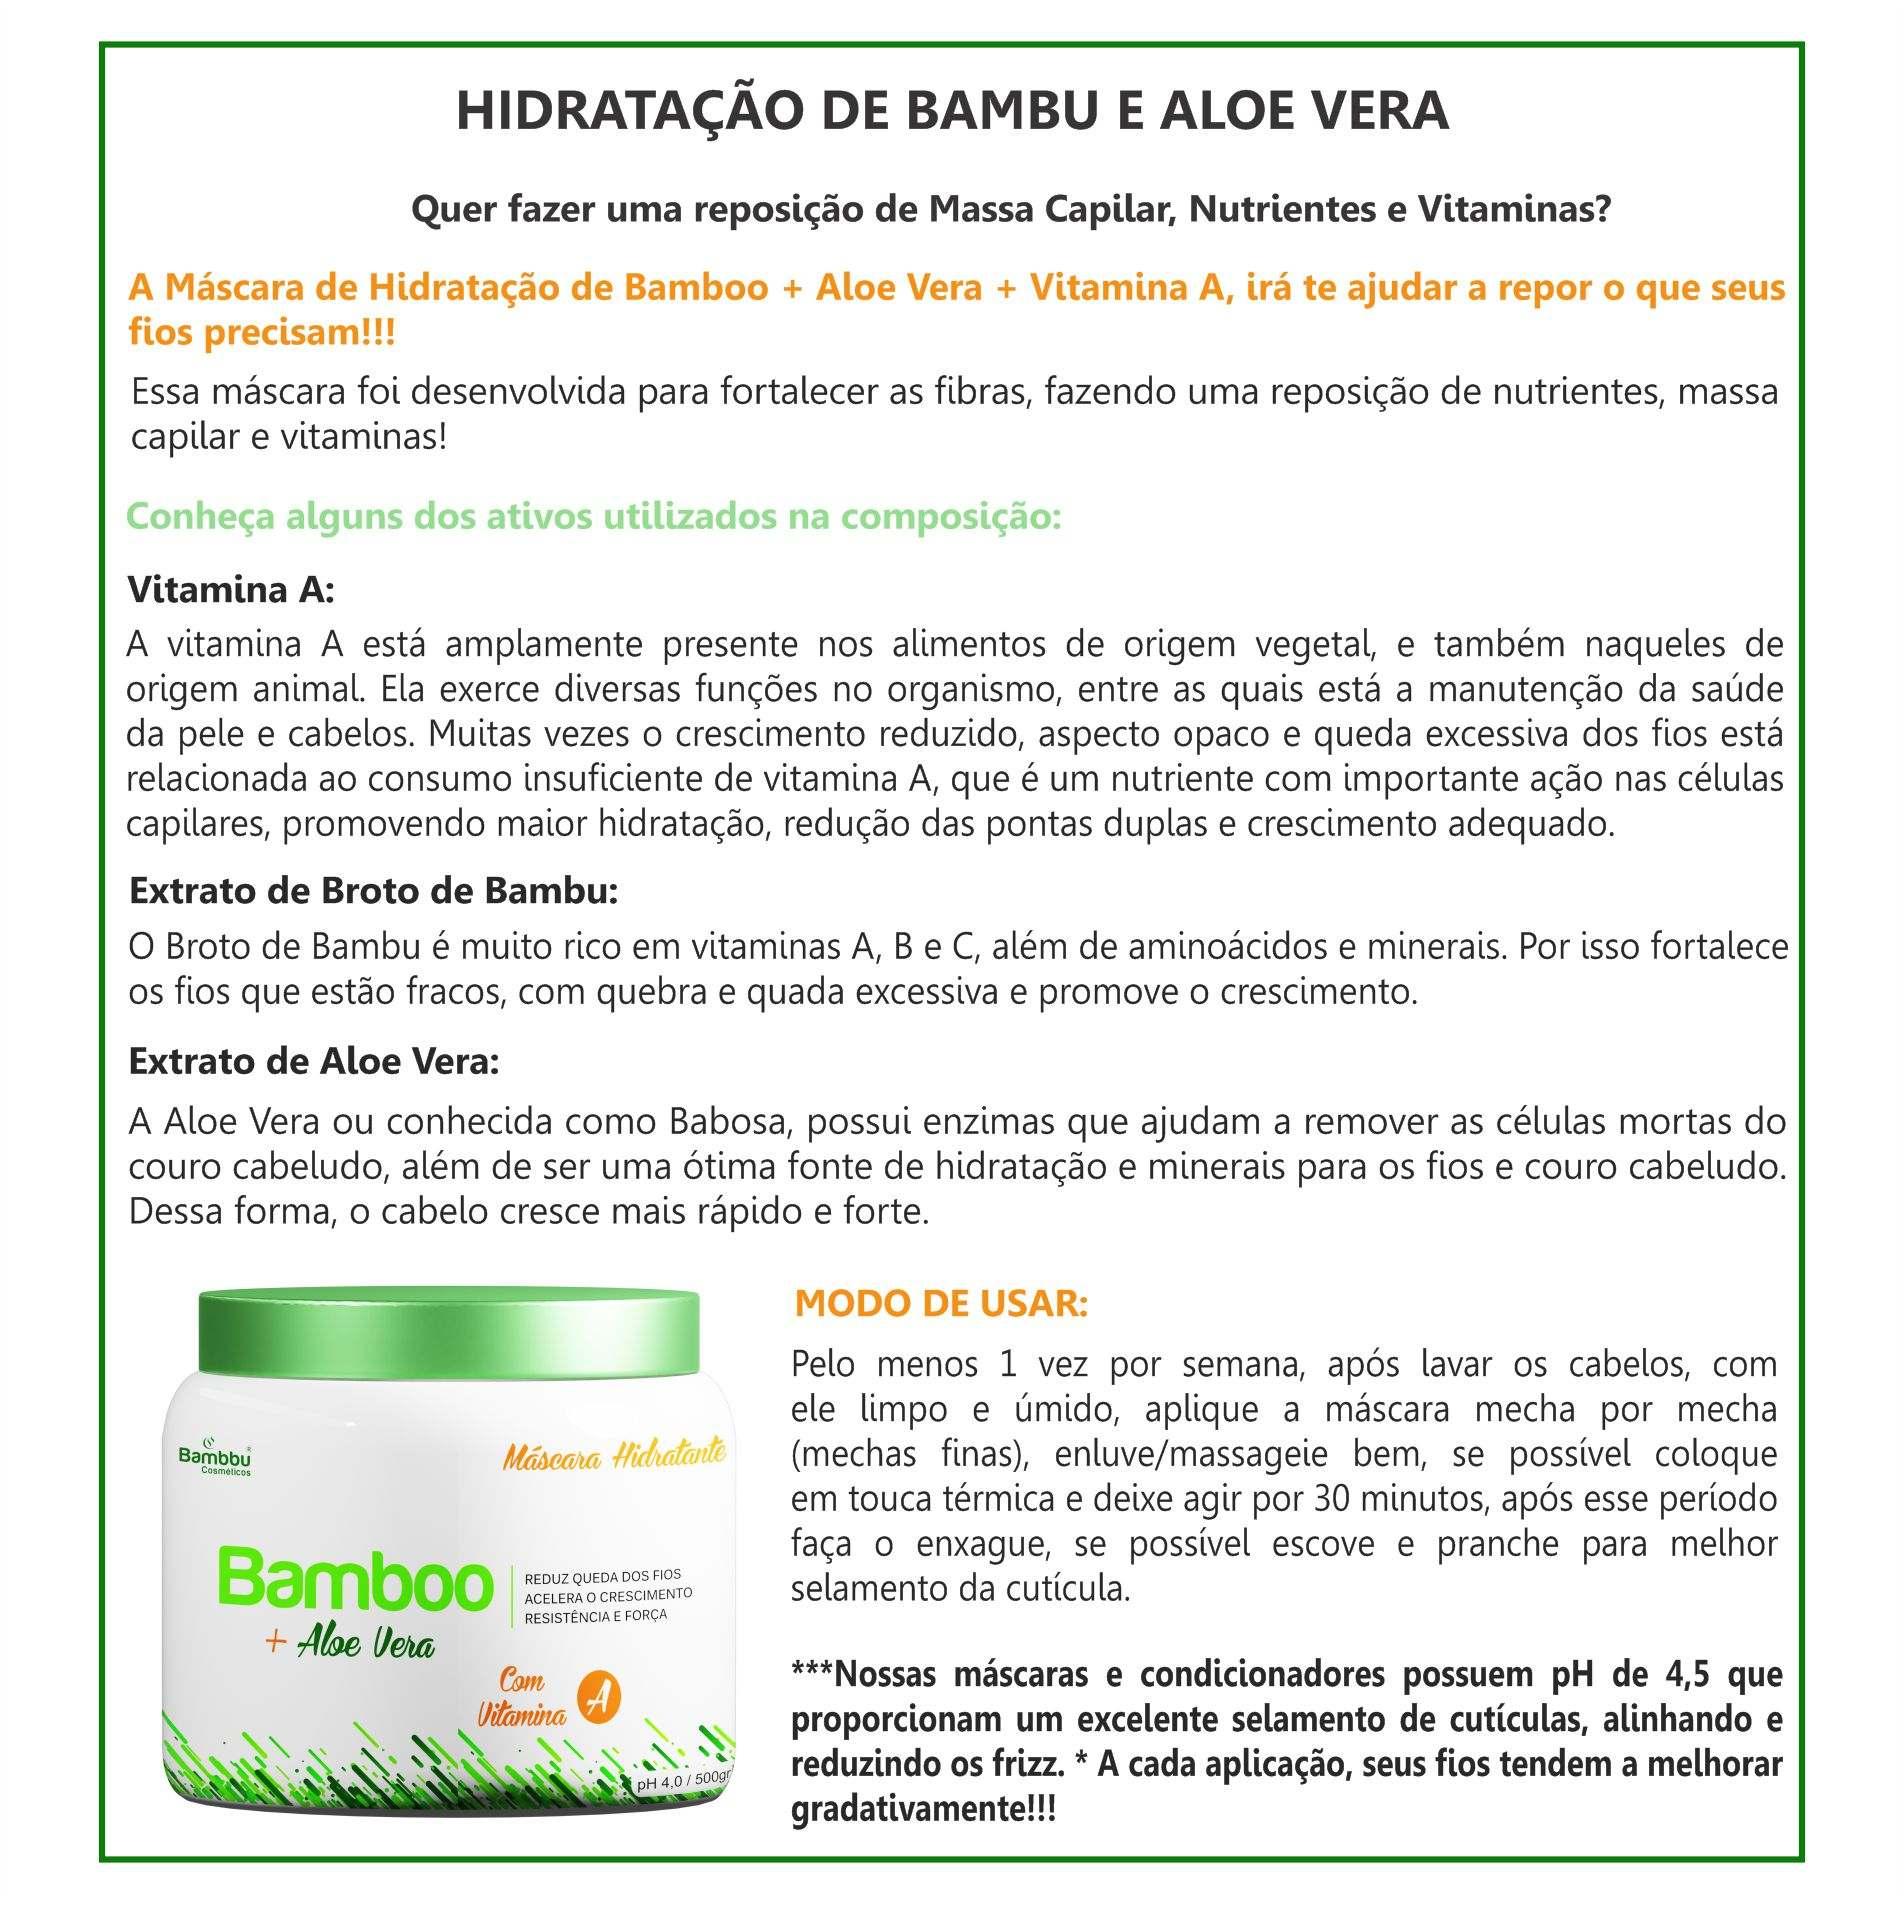 Hidratação de Bamboo, Aloe Vera e Vitamina A - 500g